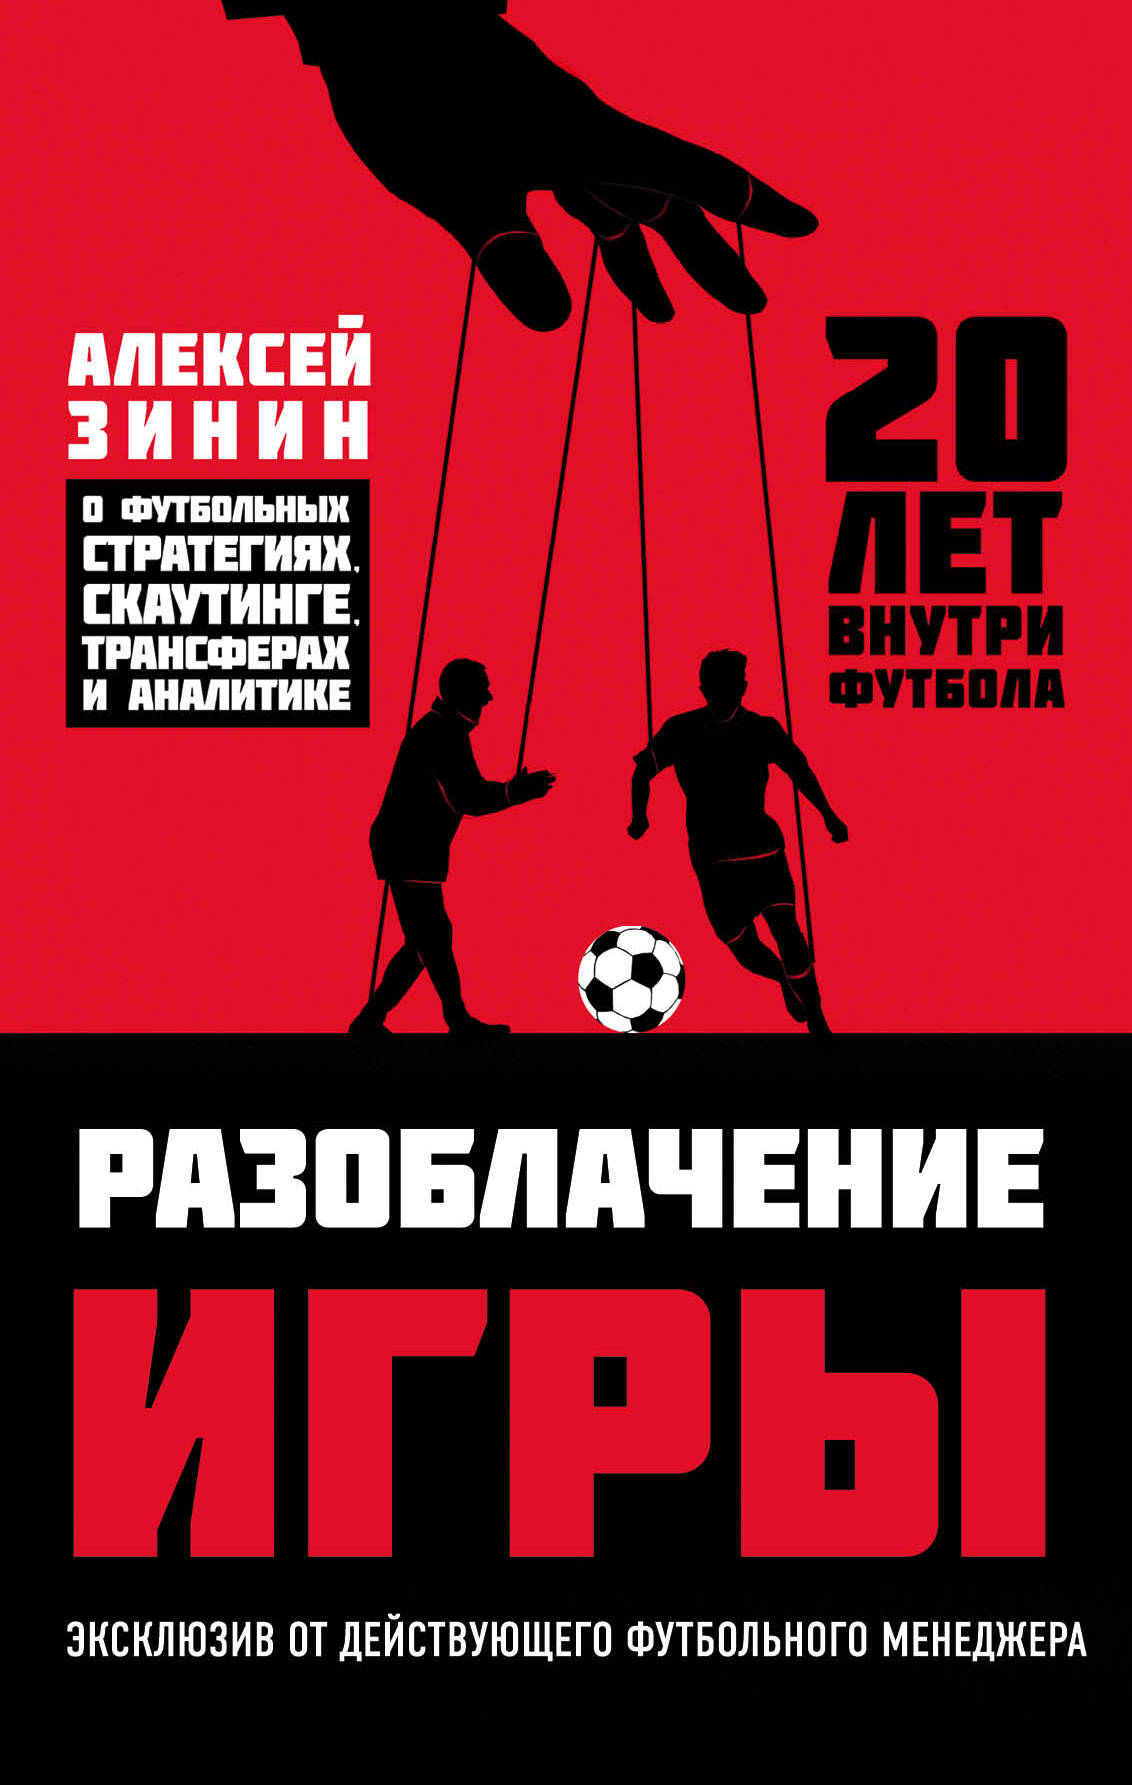 Разоблачение игры. О футбольных стратегиях, скаутинге, трансферах и аналитике.